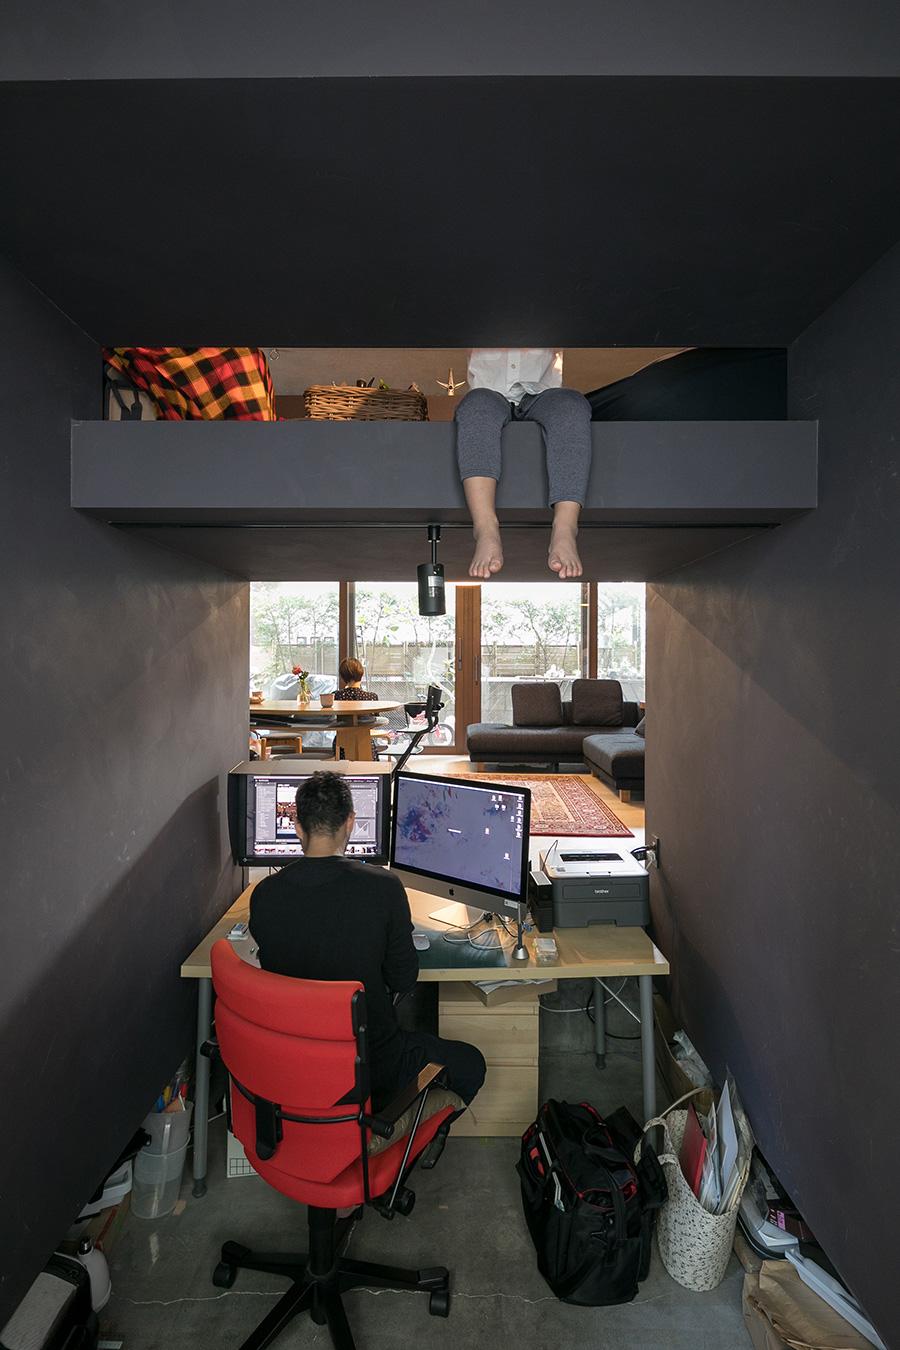 リビングの一部を掘り下げて仕事部屋に。こんな自由な設計を楽しめるのもコーポラティブハウスならでは。上から足を覗かせているのは箱の上階の住人、開くん。仕事スペースの足元には撮影機材を入れられる工夫も。